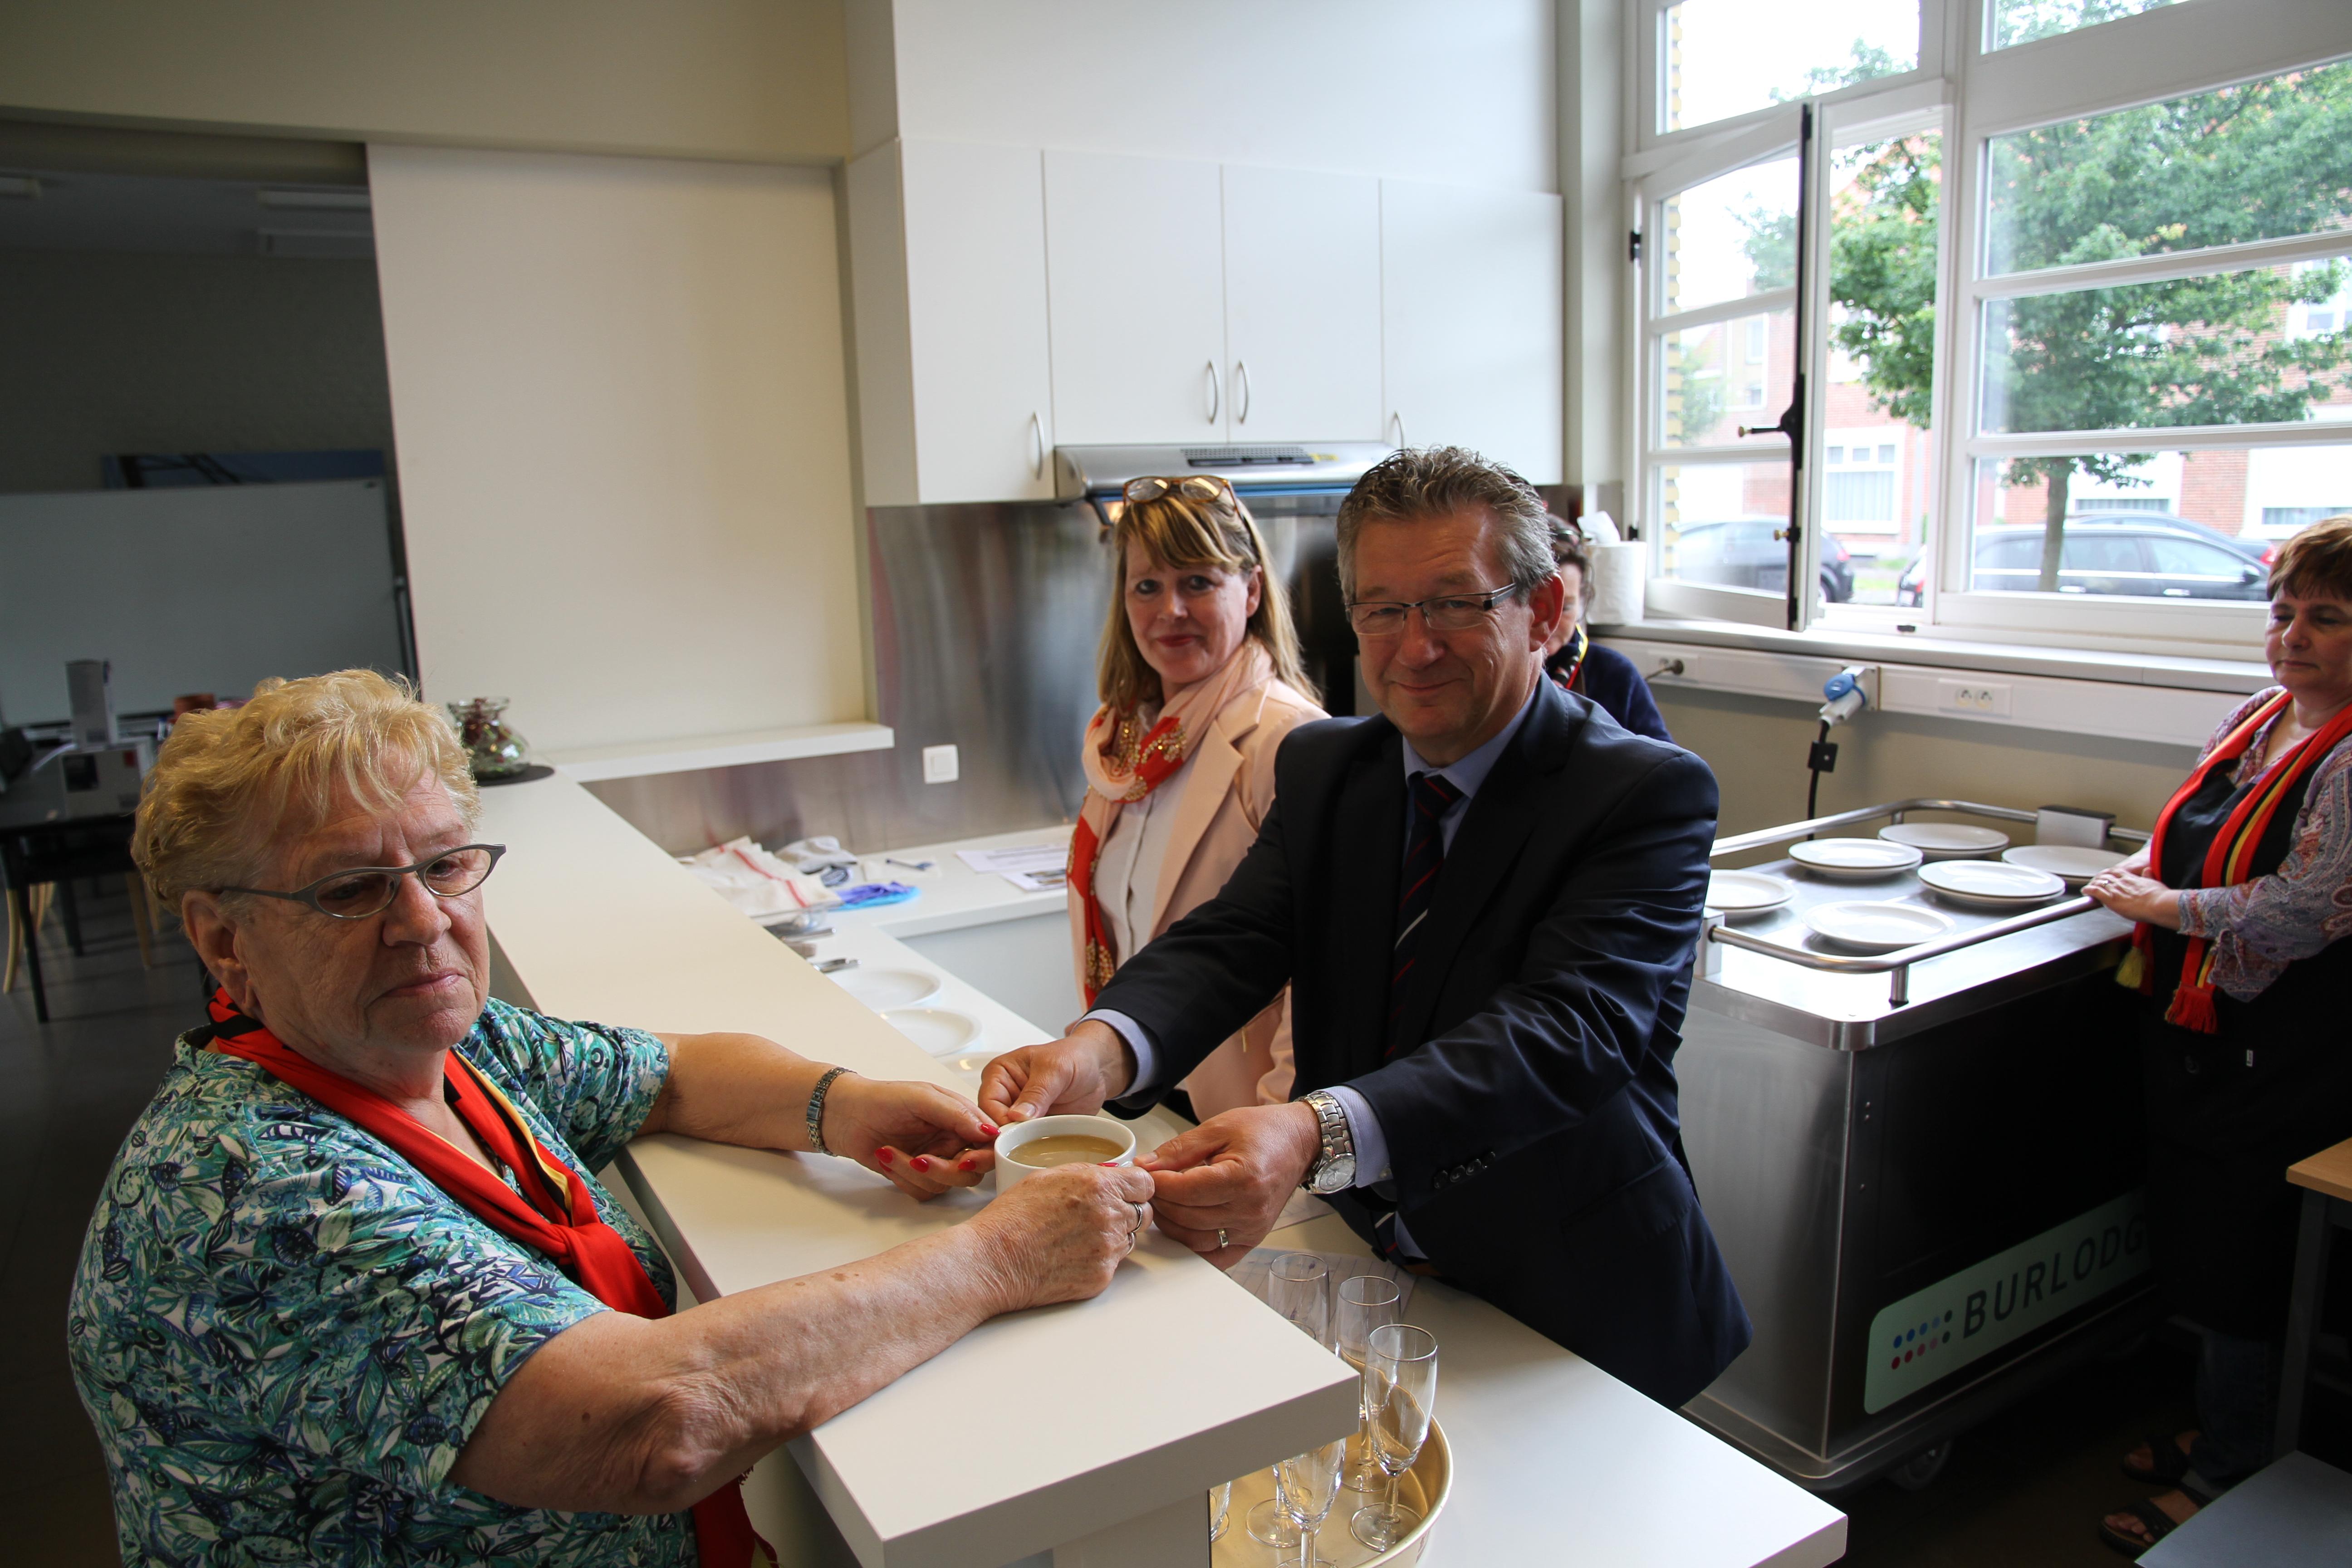 Vernieuwde keuken voor d oude stoasie nieuws - Oude foto keuken ...